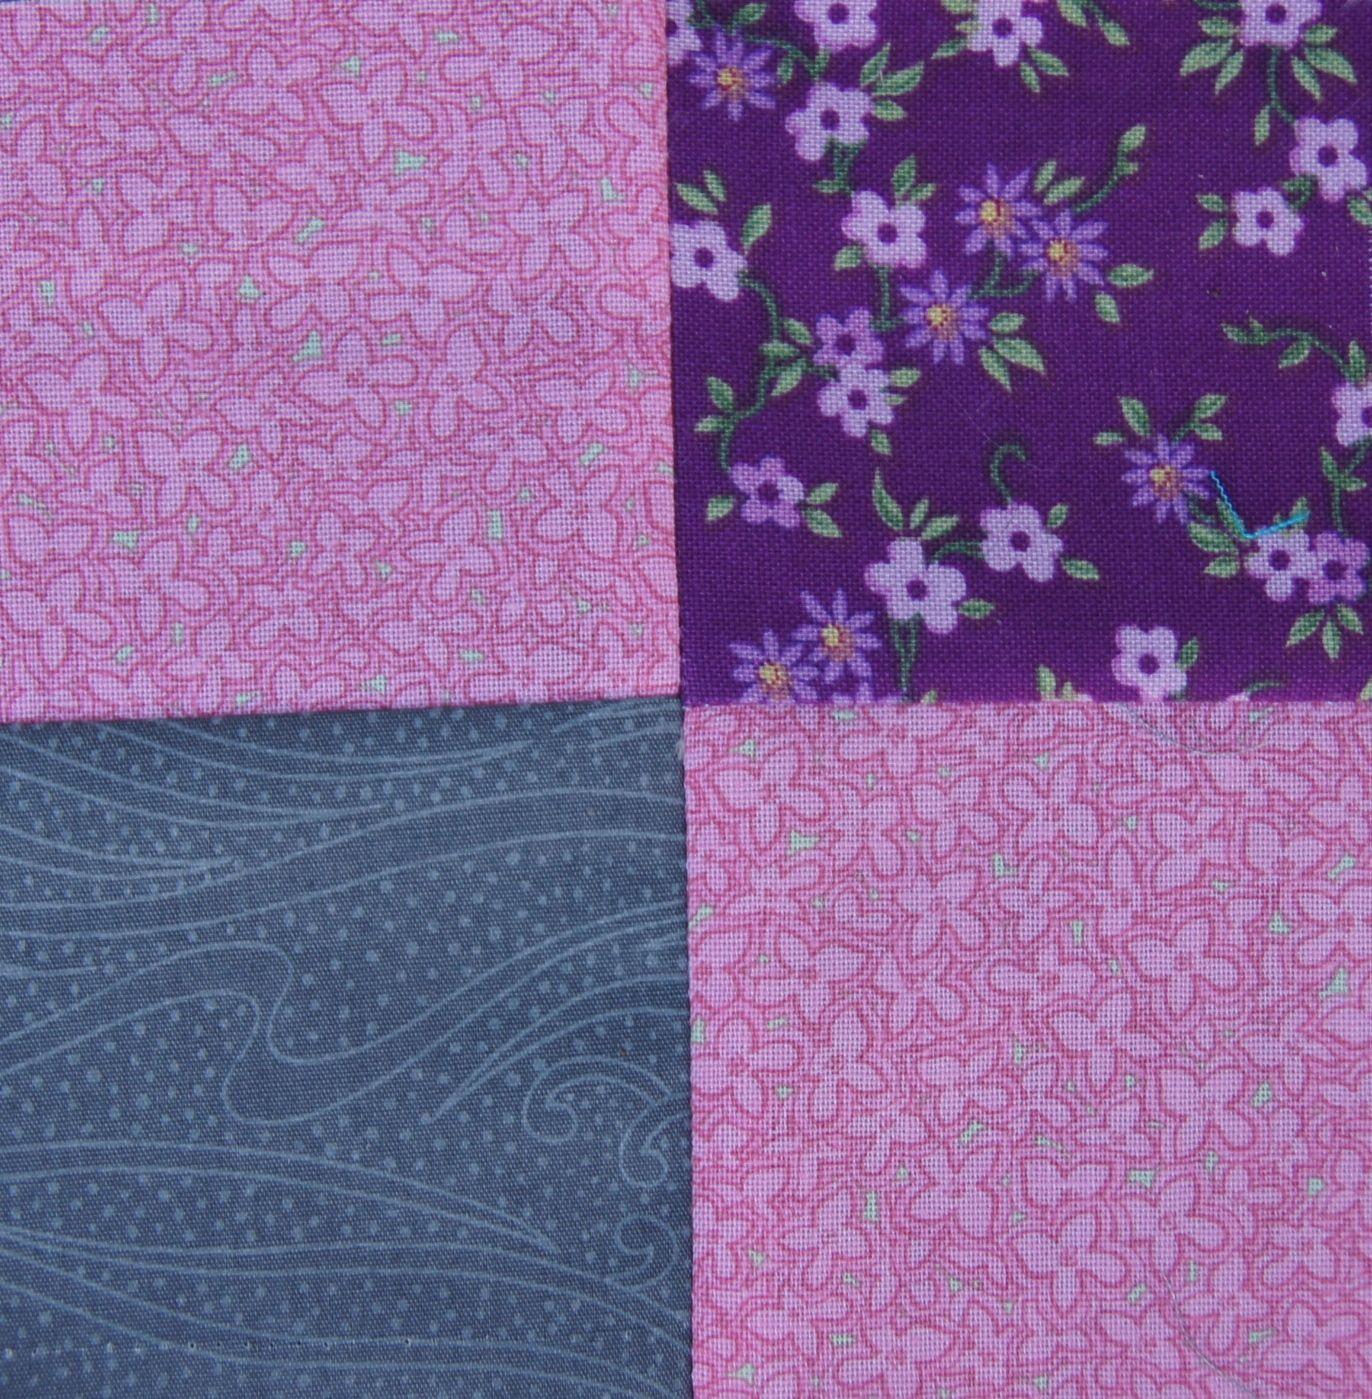 Quilt Grand Illusion Part 5 #2.jpg